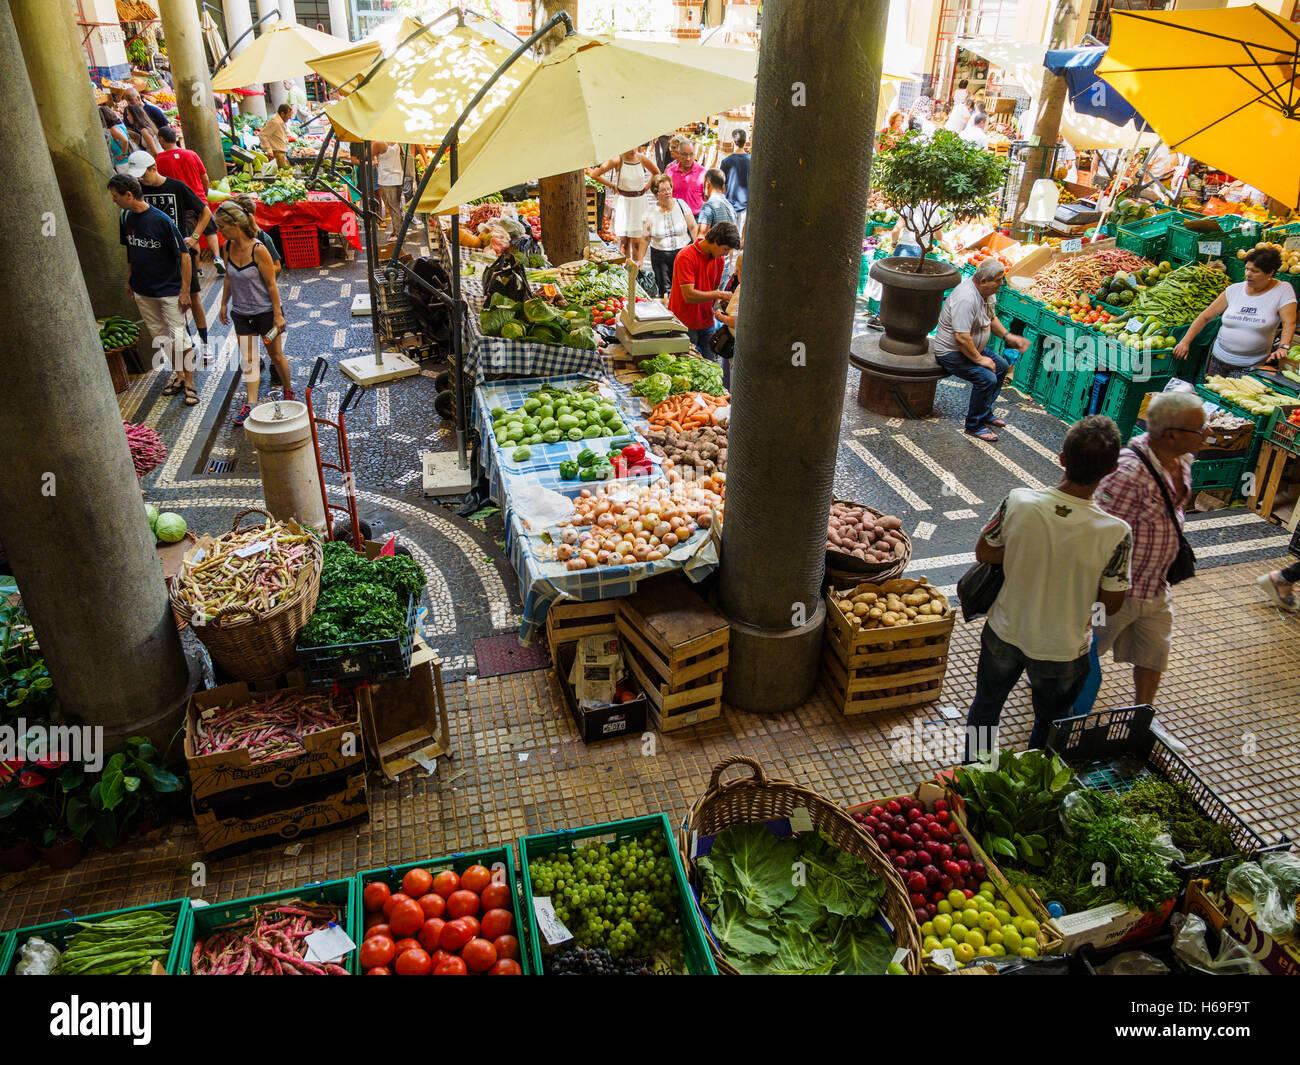 Obst und Gemüse stehen zum Verkauf in der Markthalle von Funchal auf der portugiesischen Insel Madeira Stockbild